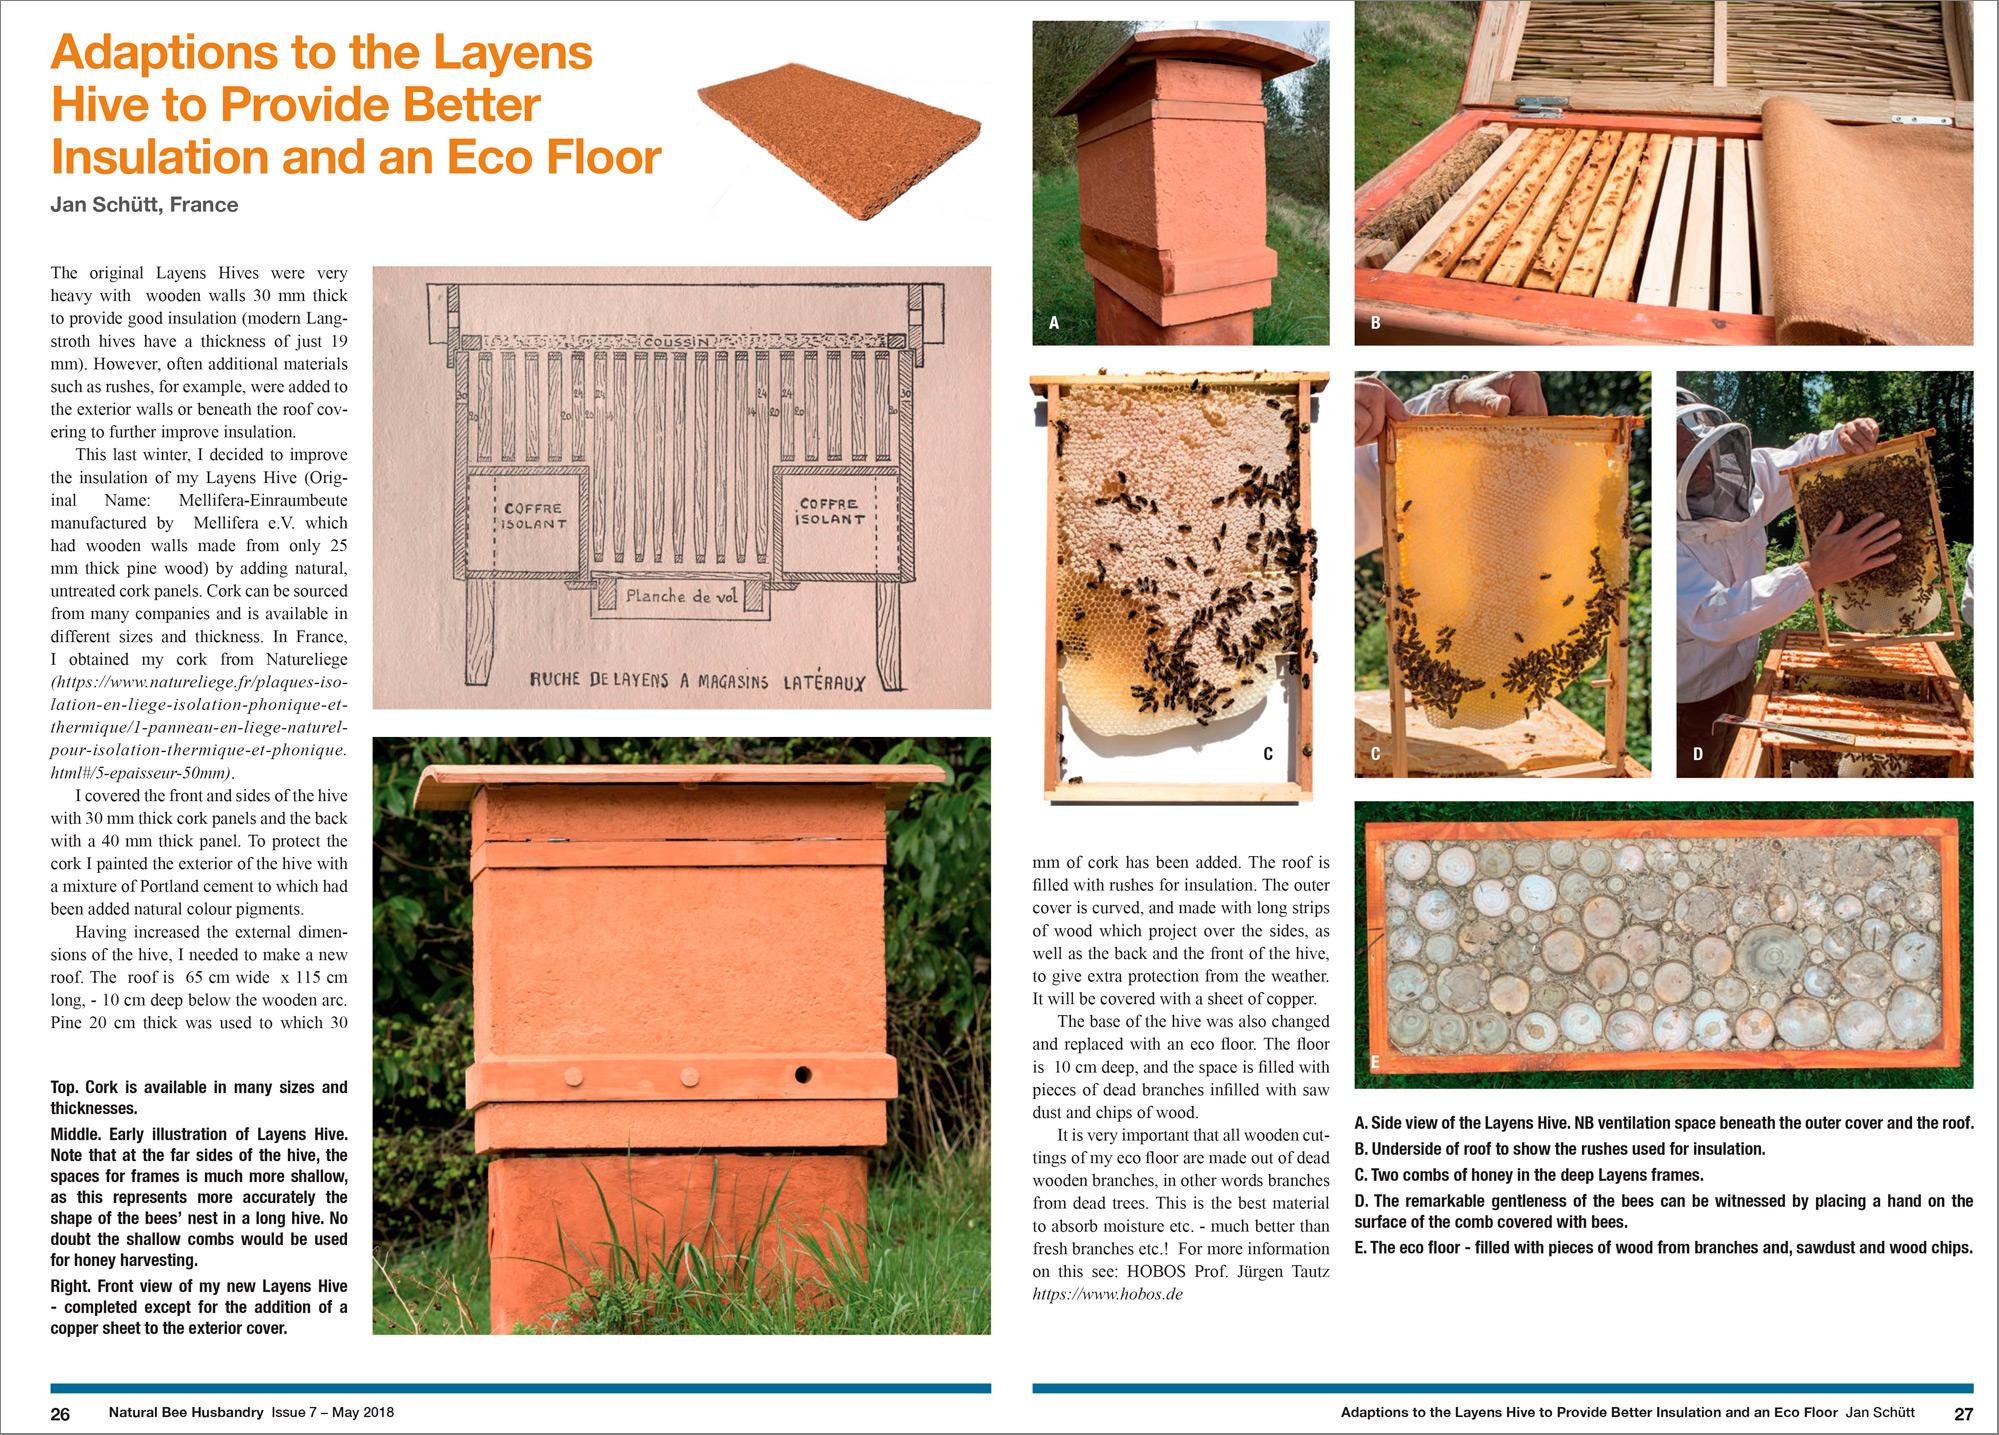 NBH Magazine - ruche Mellifera-Layens